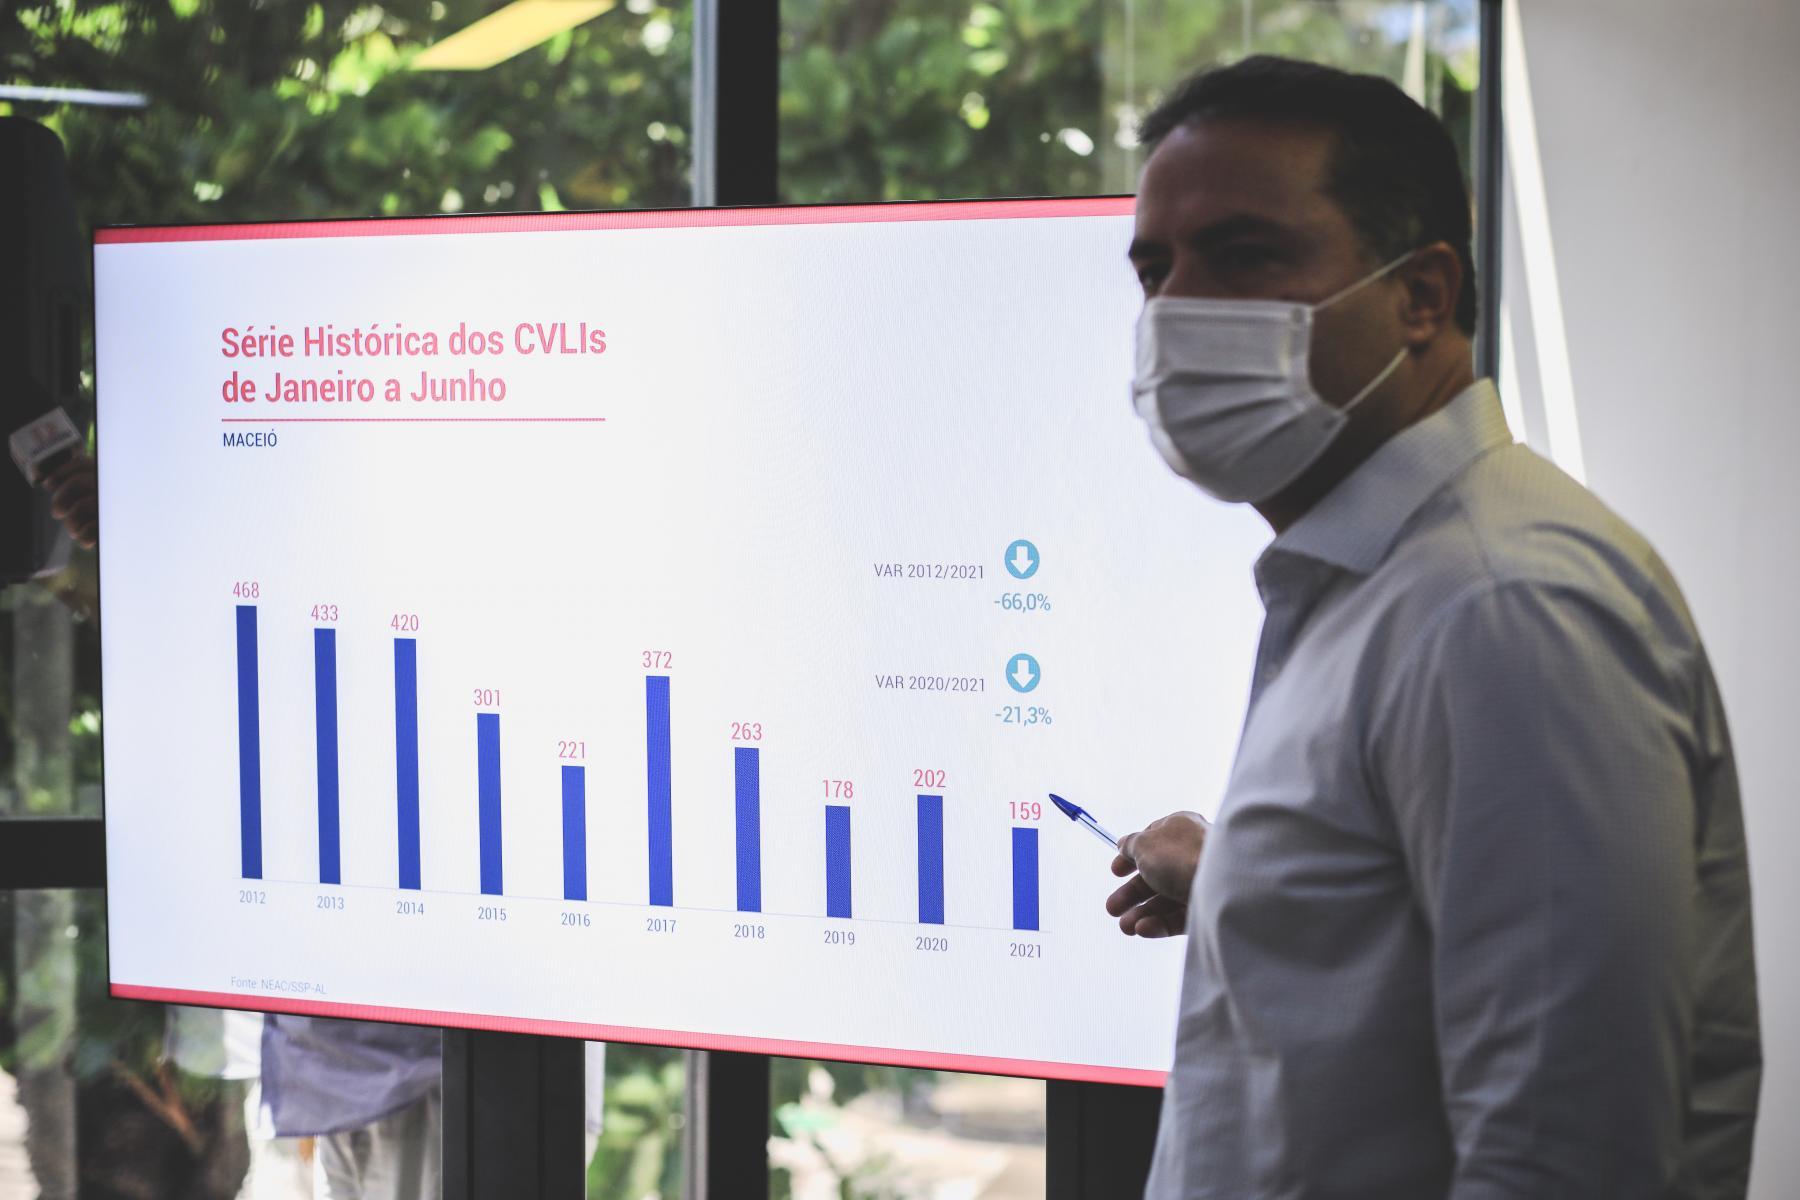 ALAGOAS LIDERA RANKING DE TRANSPARÊNCIA DOS DADOS DE SEGURANÇA PÚBLICA NO PAÍS